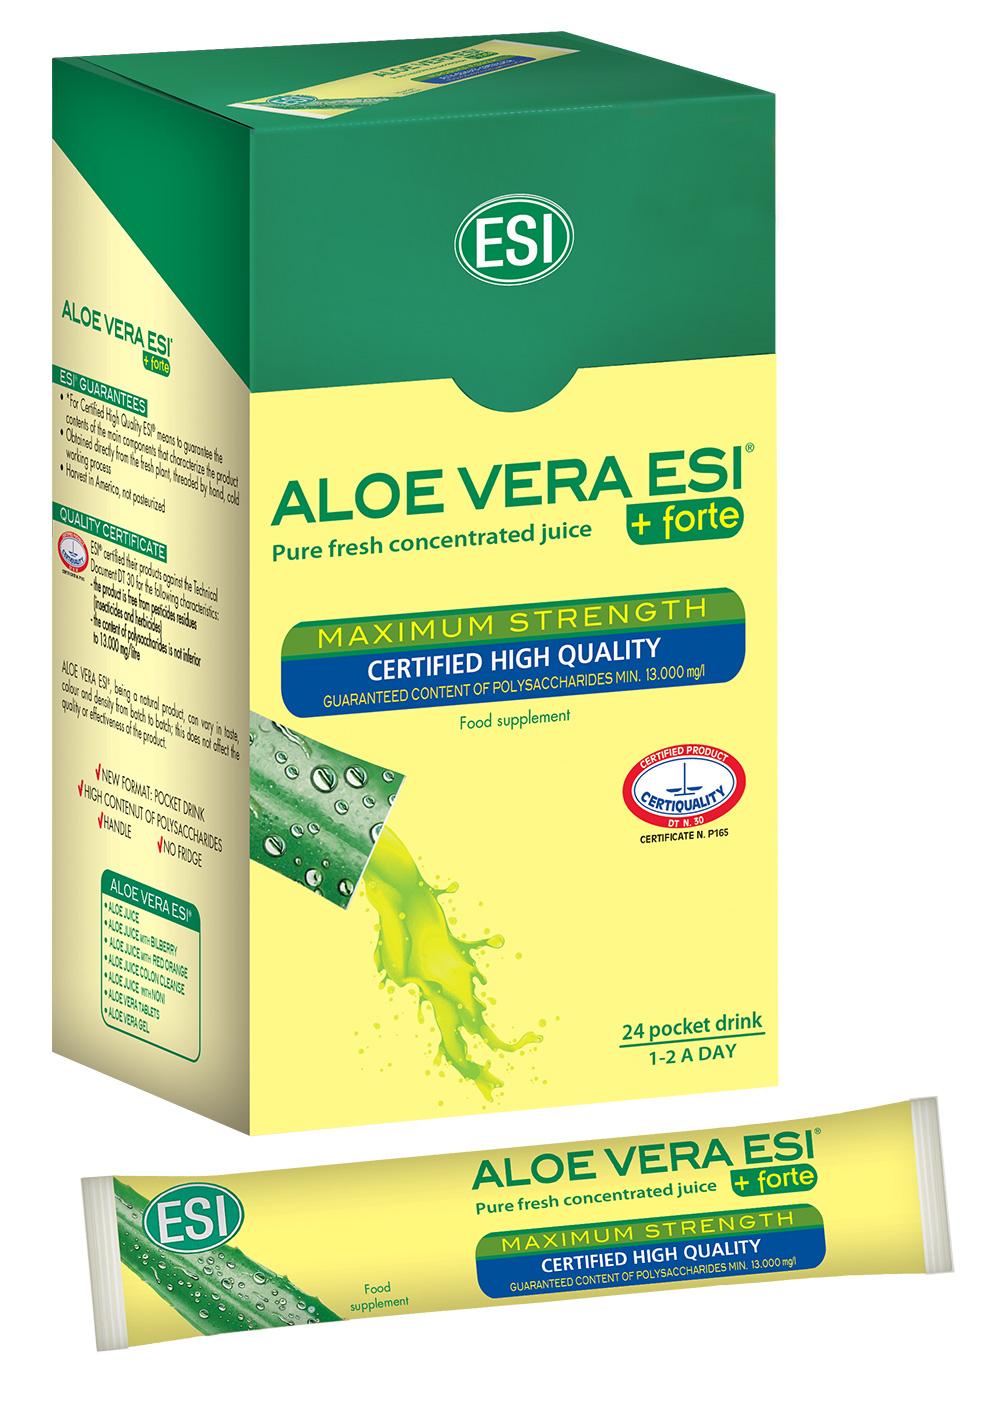 ESI Aloe Vera čistá šťava 24 ks x 20 ml